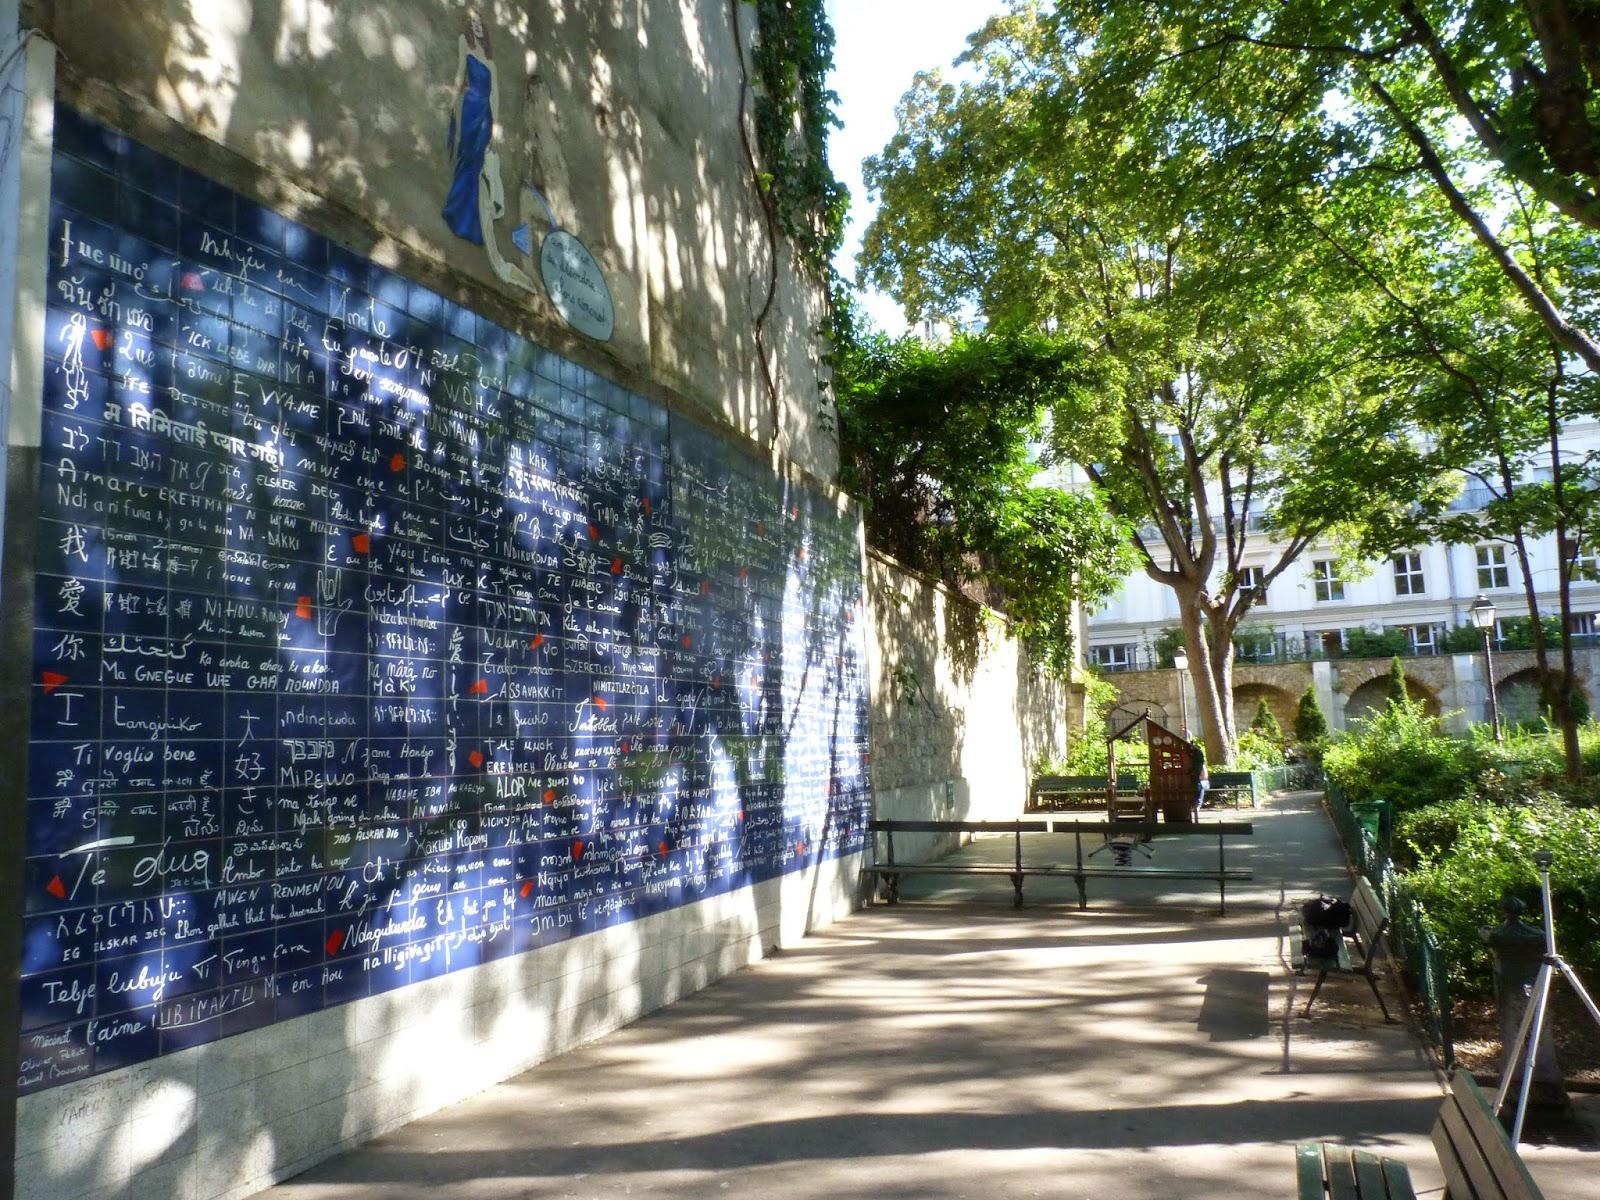 mur des je t'aime Paris romantique